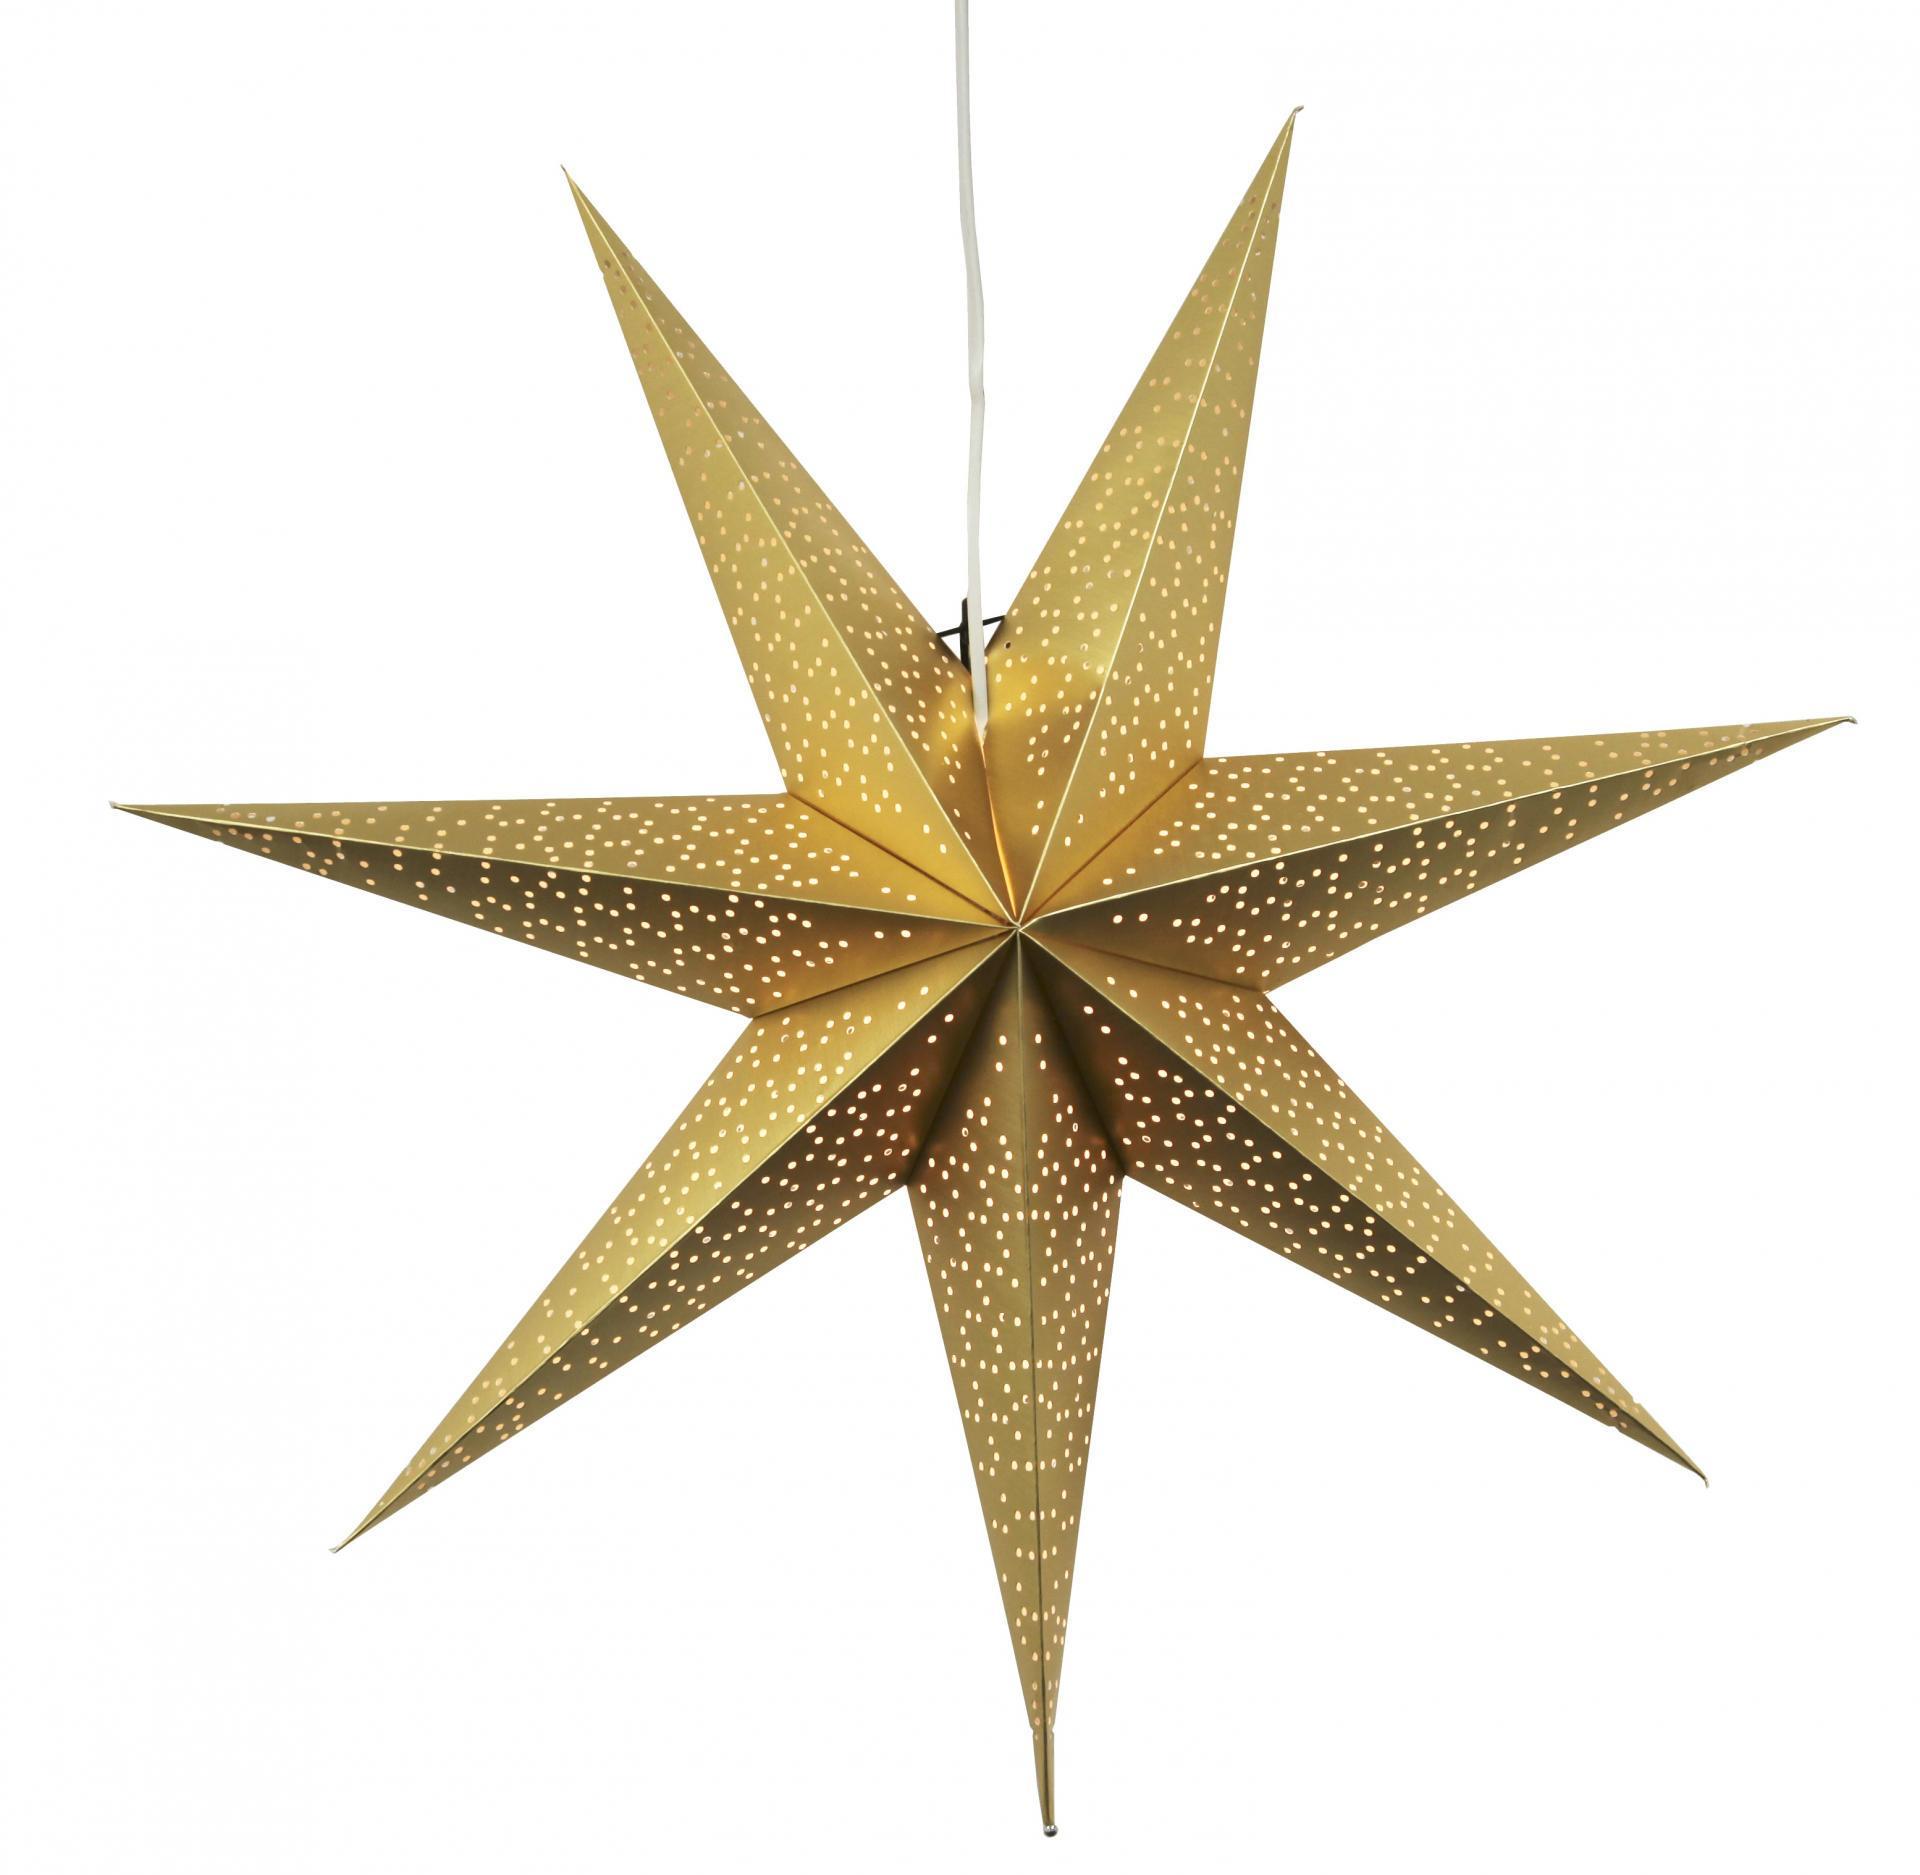 STAR TRADING Závěsná svítící hvězda Dot Gold 70 cm, zlatá barva, papír